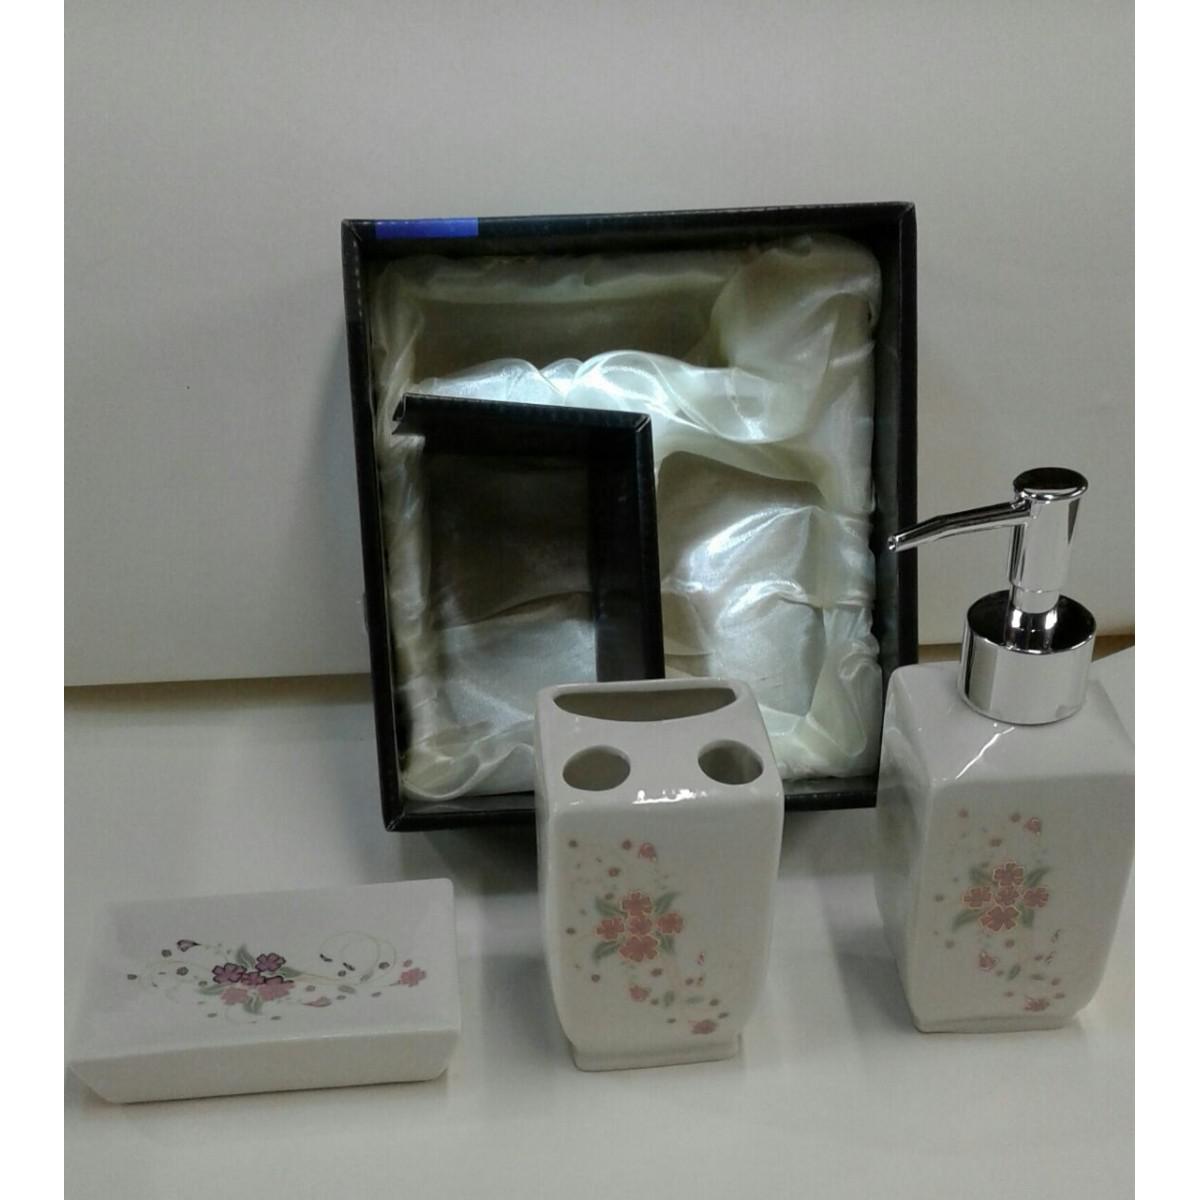 Kit Banheiro Porcelana : Kit de banheiro floral porcelana wincy casa banho